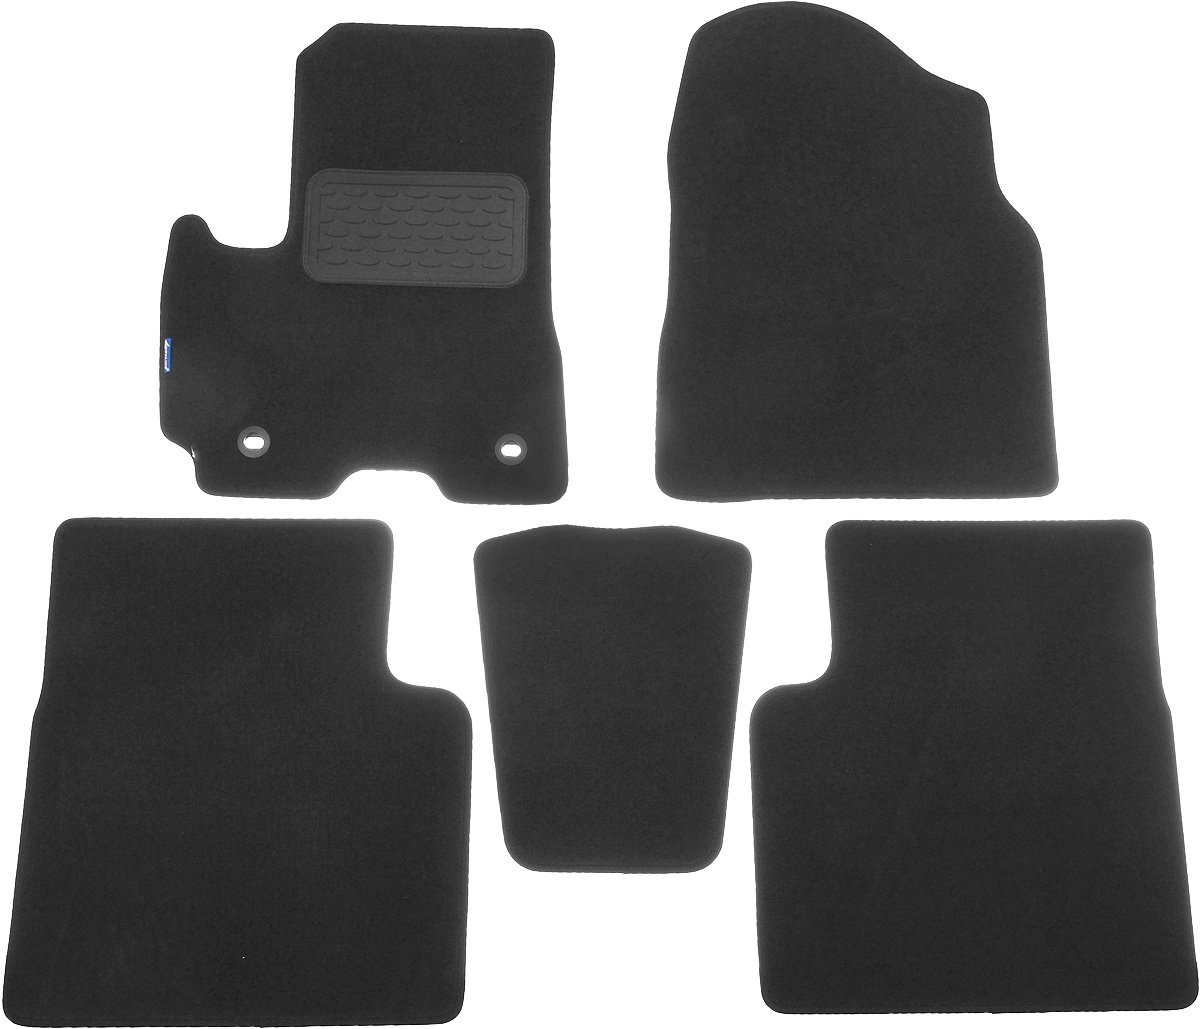 Коврики в салон автомобиля Novline-Autofamily, для Lifan X60 2012->, 5 шт300240Коврики в салон Novline-Autofamily не только улучшат внешний вид салона вашего автомобиля, но и надежно уберегут его от пыли, грязи и сырости, а значит, защитят кузов от коррозии. Текстильные коврики для автомобиля мягкие и приятные, а их основа из вспененного полиуретана не пропускает влагу. Автомобильные коврики в салон учитывают все особенности каждой модели авто и полностью повторяют контуры пола. Благодаря этому их не нужно будет подгибать или обрезать. И самое главное - они не будут мешать педалям.Текстильные автомобильные коврики для салона произведены из высококачественного материала, который держит форму и не пачкает обувь. К тому же, этот материал очень прочный (его, к примеру, не получится проткнуть каблуком). Некоторые автоковрики становятся источником неприятного запаха в автомобиле. С текстильными ковриками Novline-Autofamily вы можете этого не бояться. Ковры для автомобилей надежно крепятся на полу и не скользят, что очень важно во время движения, особенно для водителя. Коврики из текстиля с основой из вспененного полиуретана легко впитывают и надежно удерживают грязь и влагу, при этом всегда выглядят довольно опрятно. И чистятся они очень просто: как при помощи автомобильного пылесоса, так и различными моющими средствами.